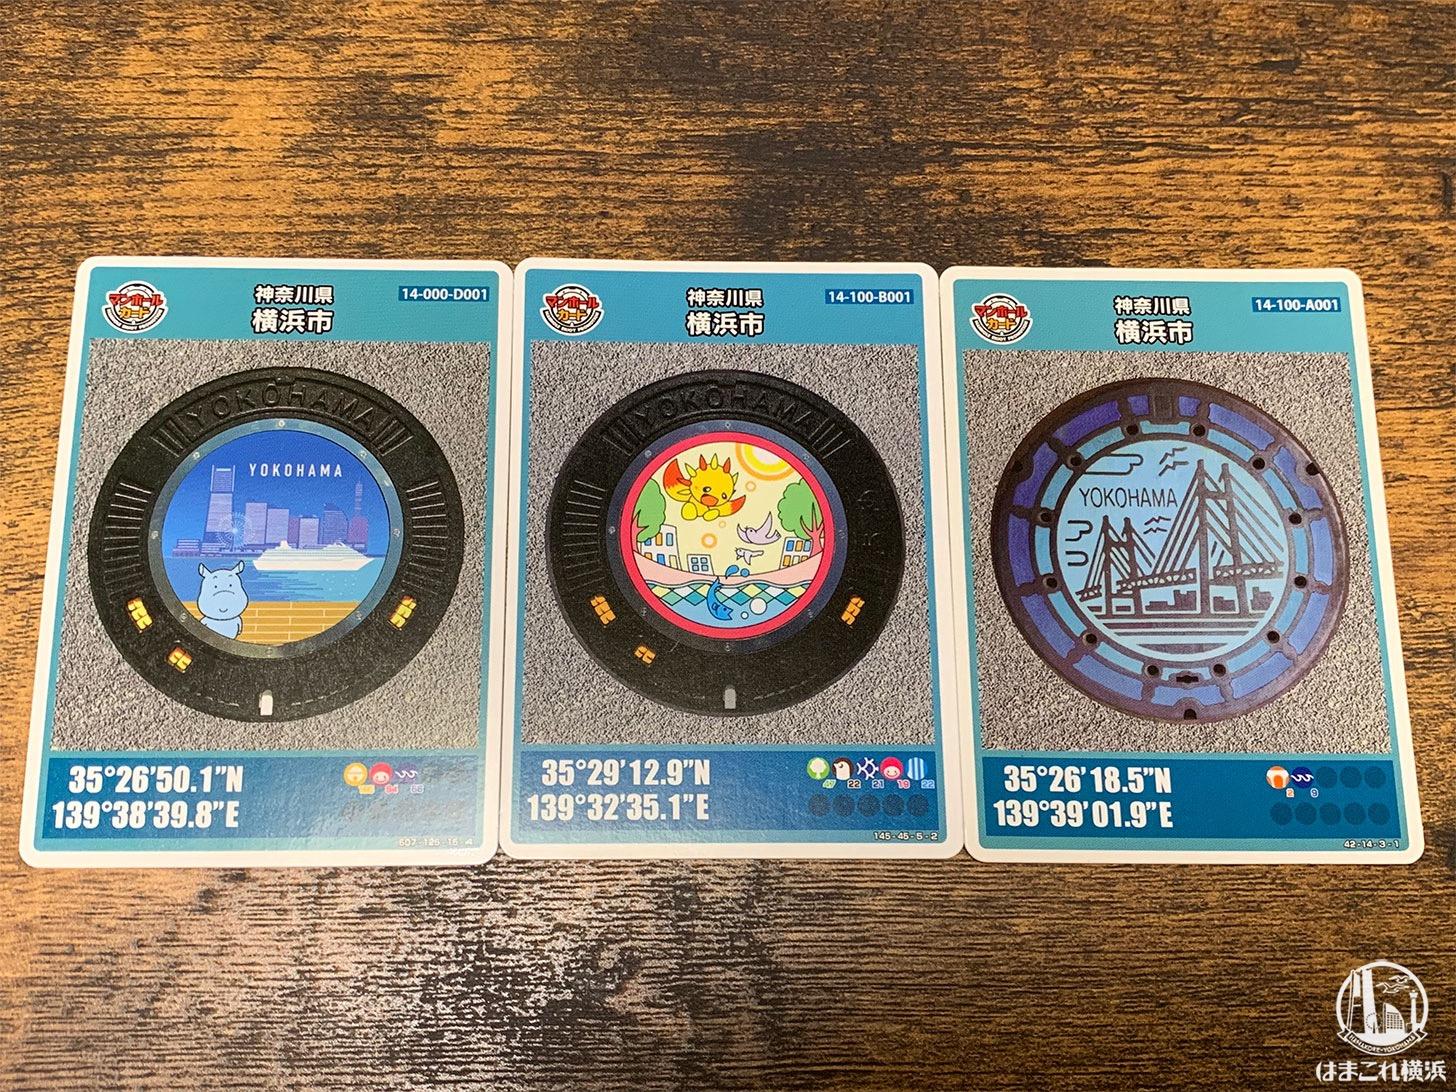 横浜市のマンホールカード3種類